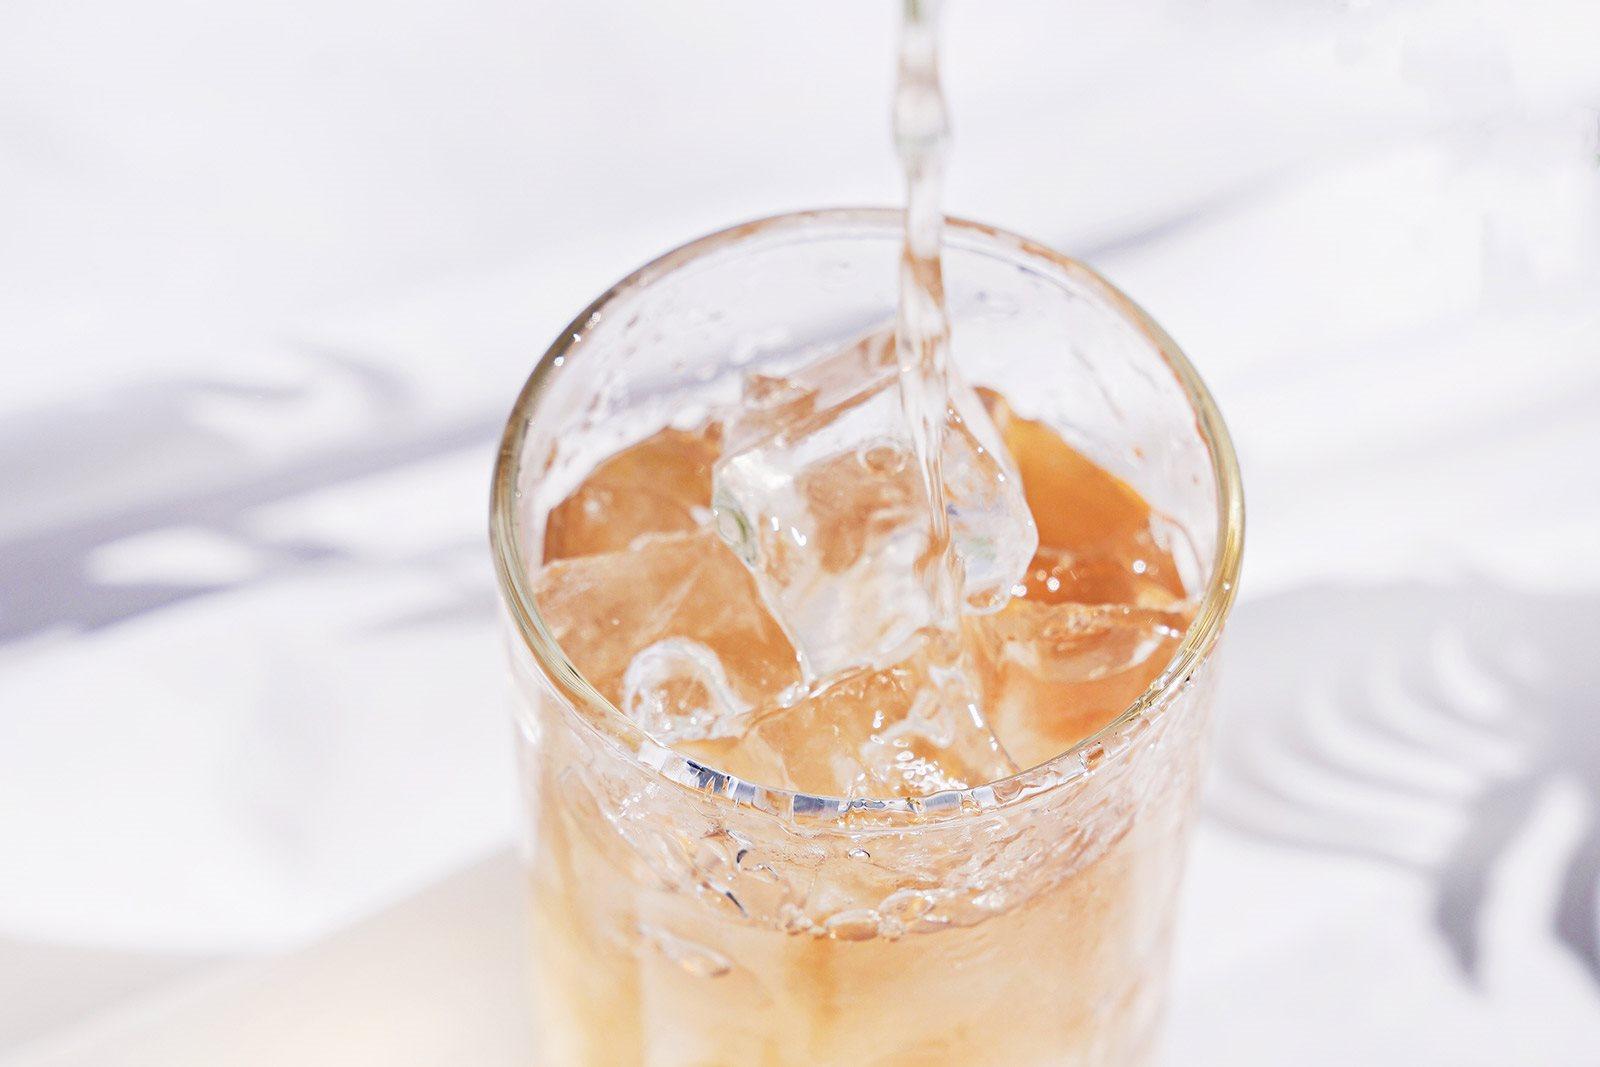 夏天推薦的消暑飲料有哪些?禾乃川國產豆製所給你最健康的飲品